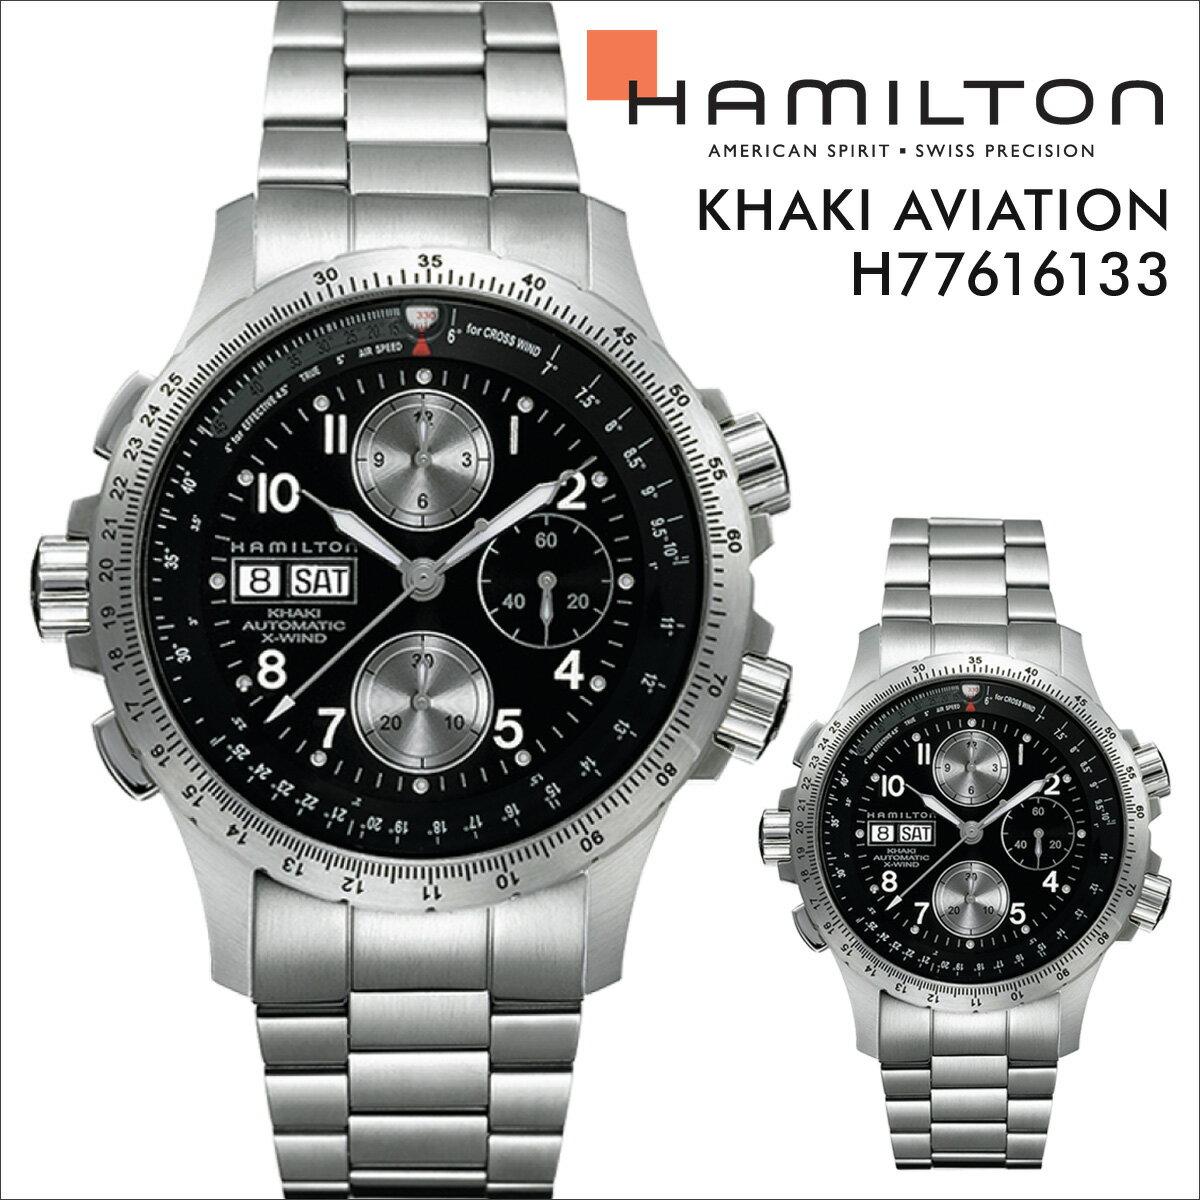 [SOLD OUT] ハミルトン HAMILTON 腕時計 カーキ アビエーション メンズ 時計 44mm  KHAKI AVIATION X-WIND AUTO CHRONO H77616133  シルバー 防水 [ あす楽対象外 ]:シュガーオンラインショップ